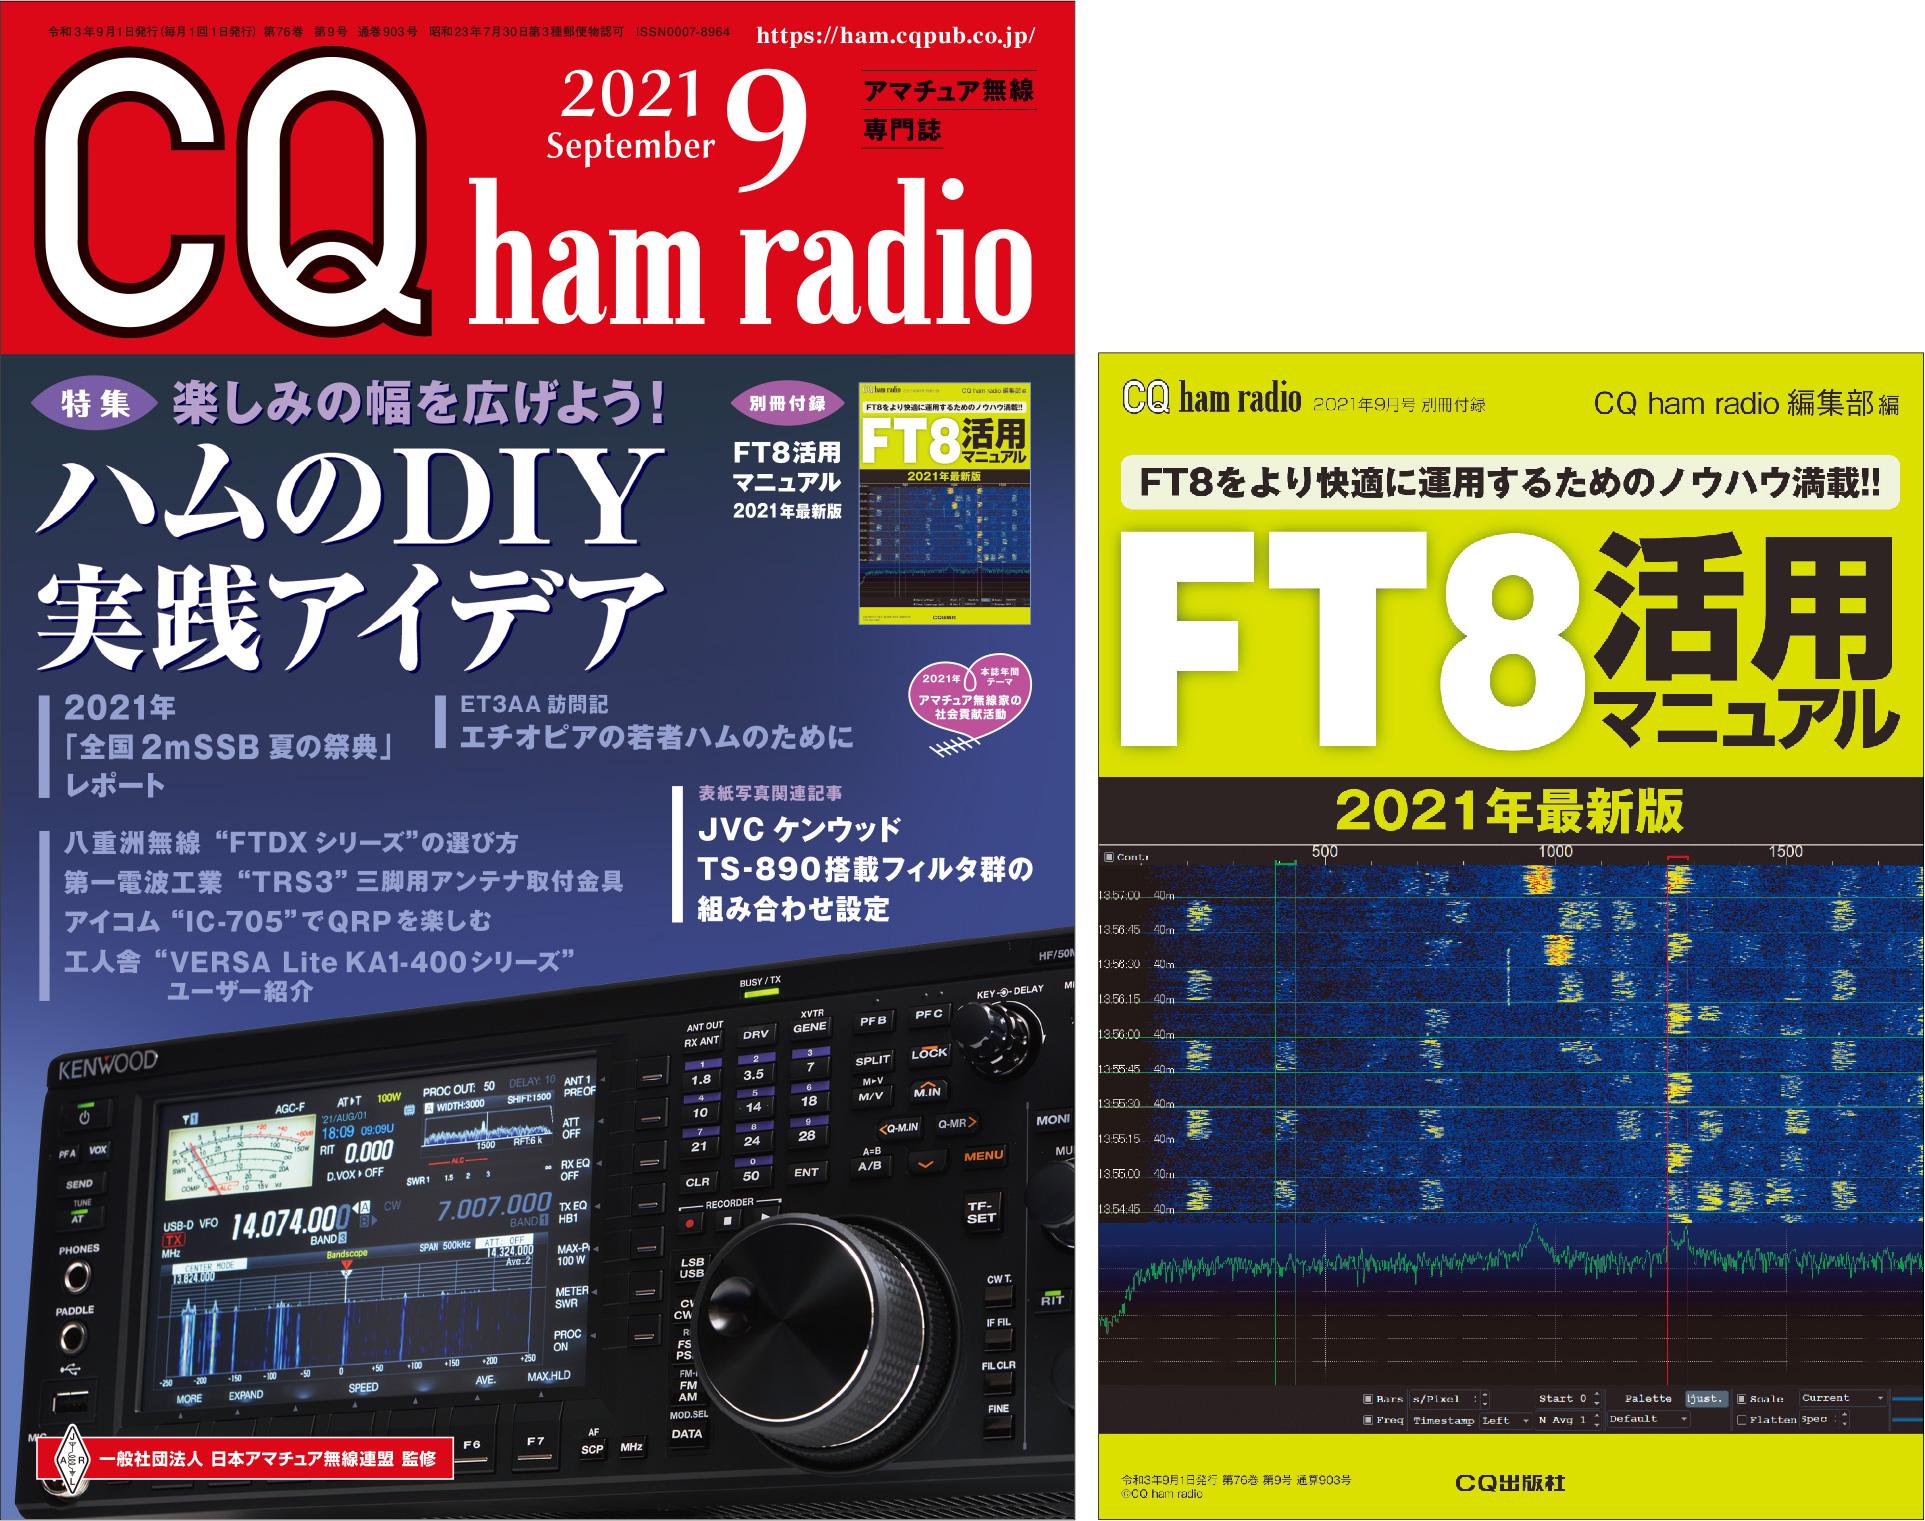 CQ ham radio 2021年 9月号